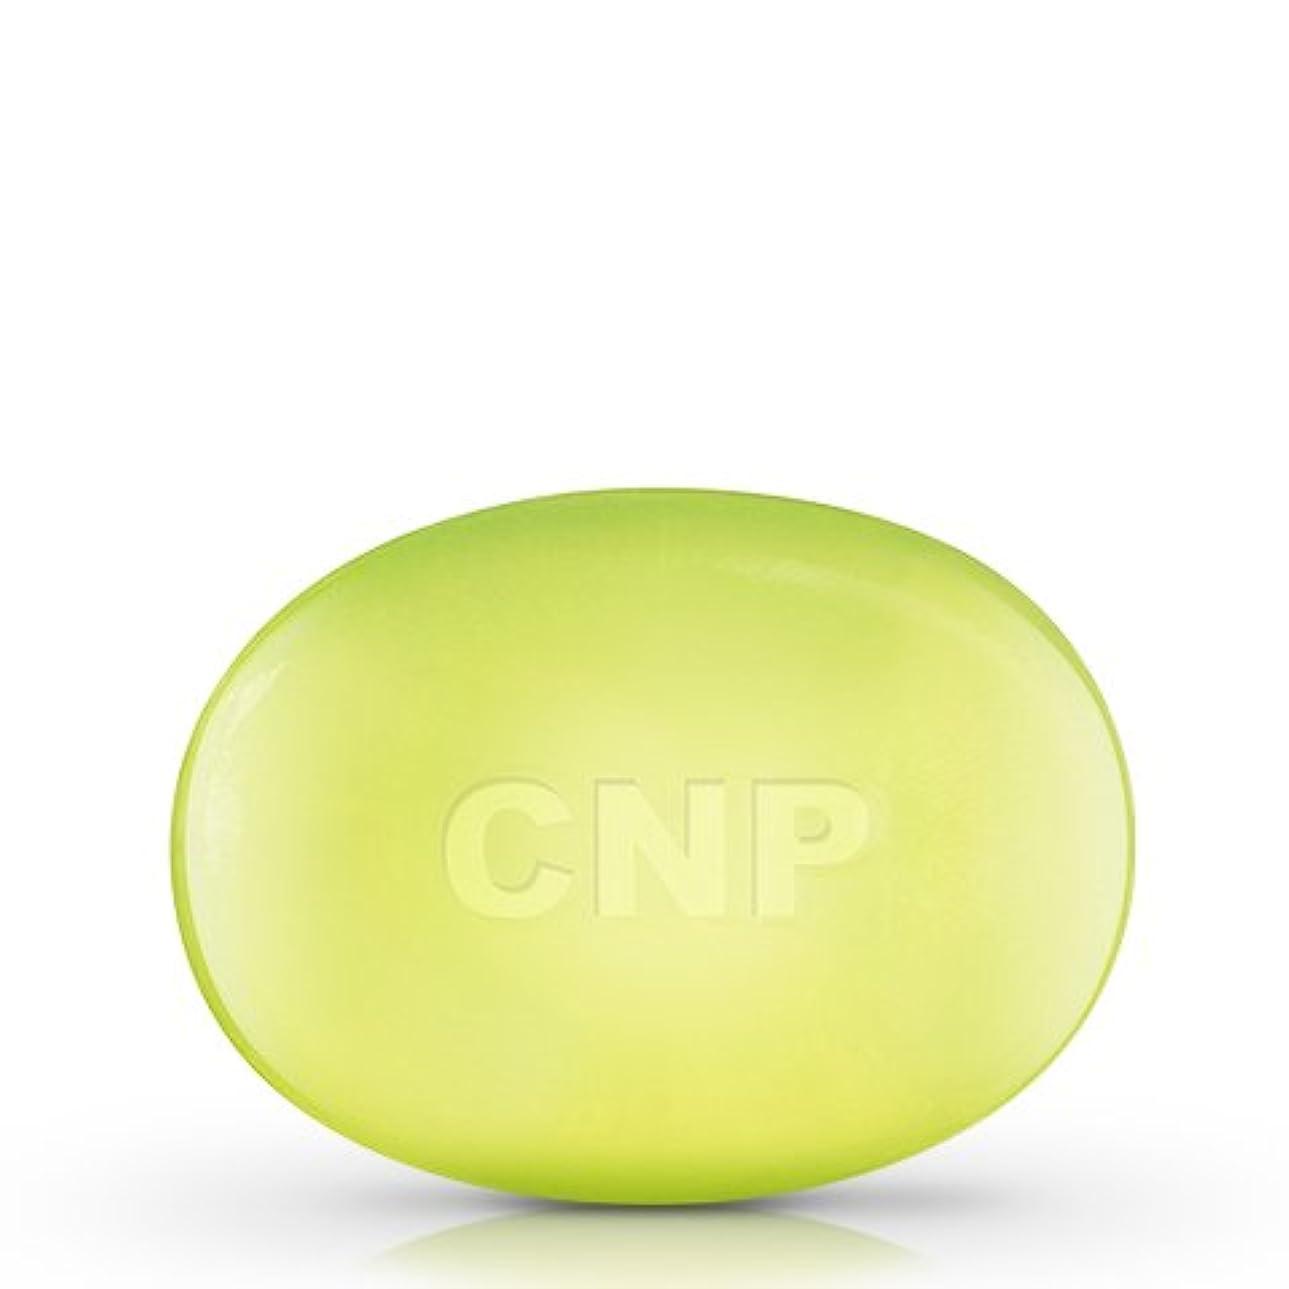 メンバー吸い込むファッションCNP Laboratory 石鹸A/Soap A 100g [並行輸入品]